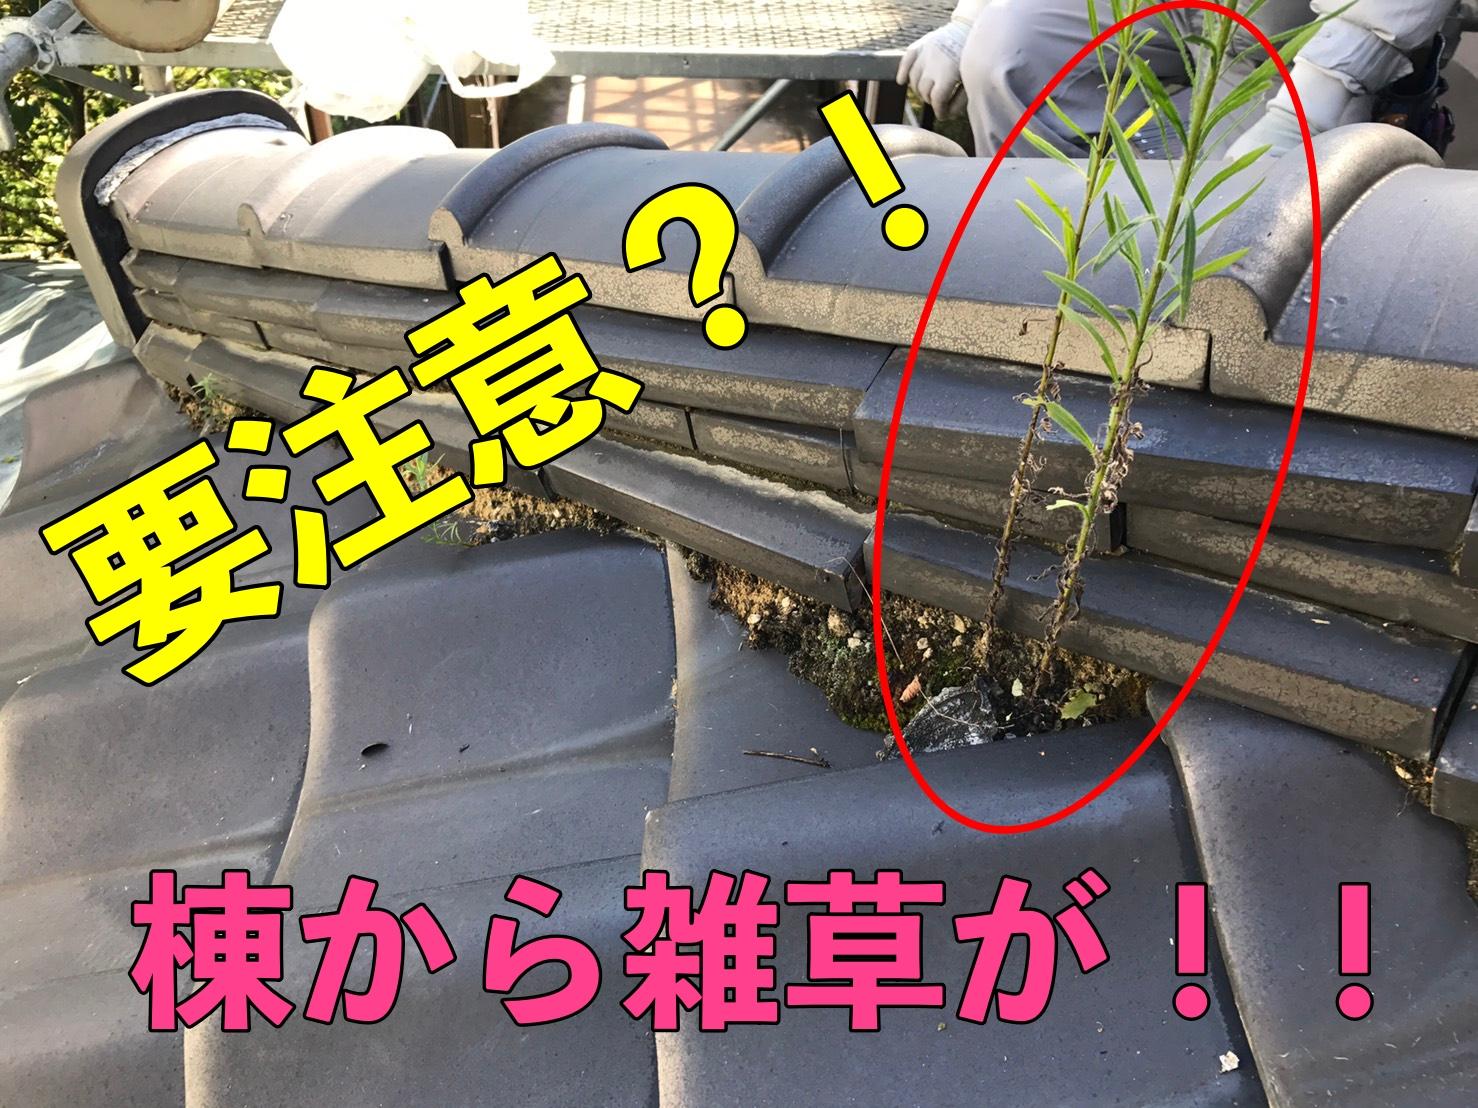 名古屋市千種区で屋根修理 棟から植物が生えていたら要注意!